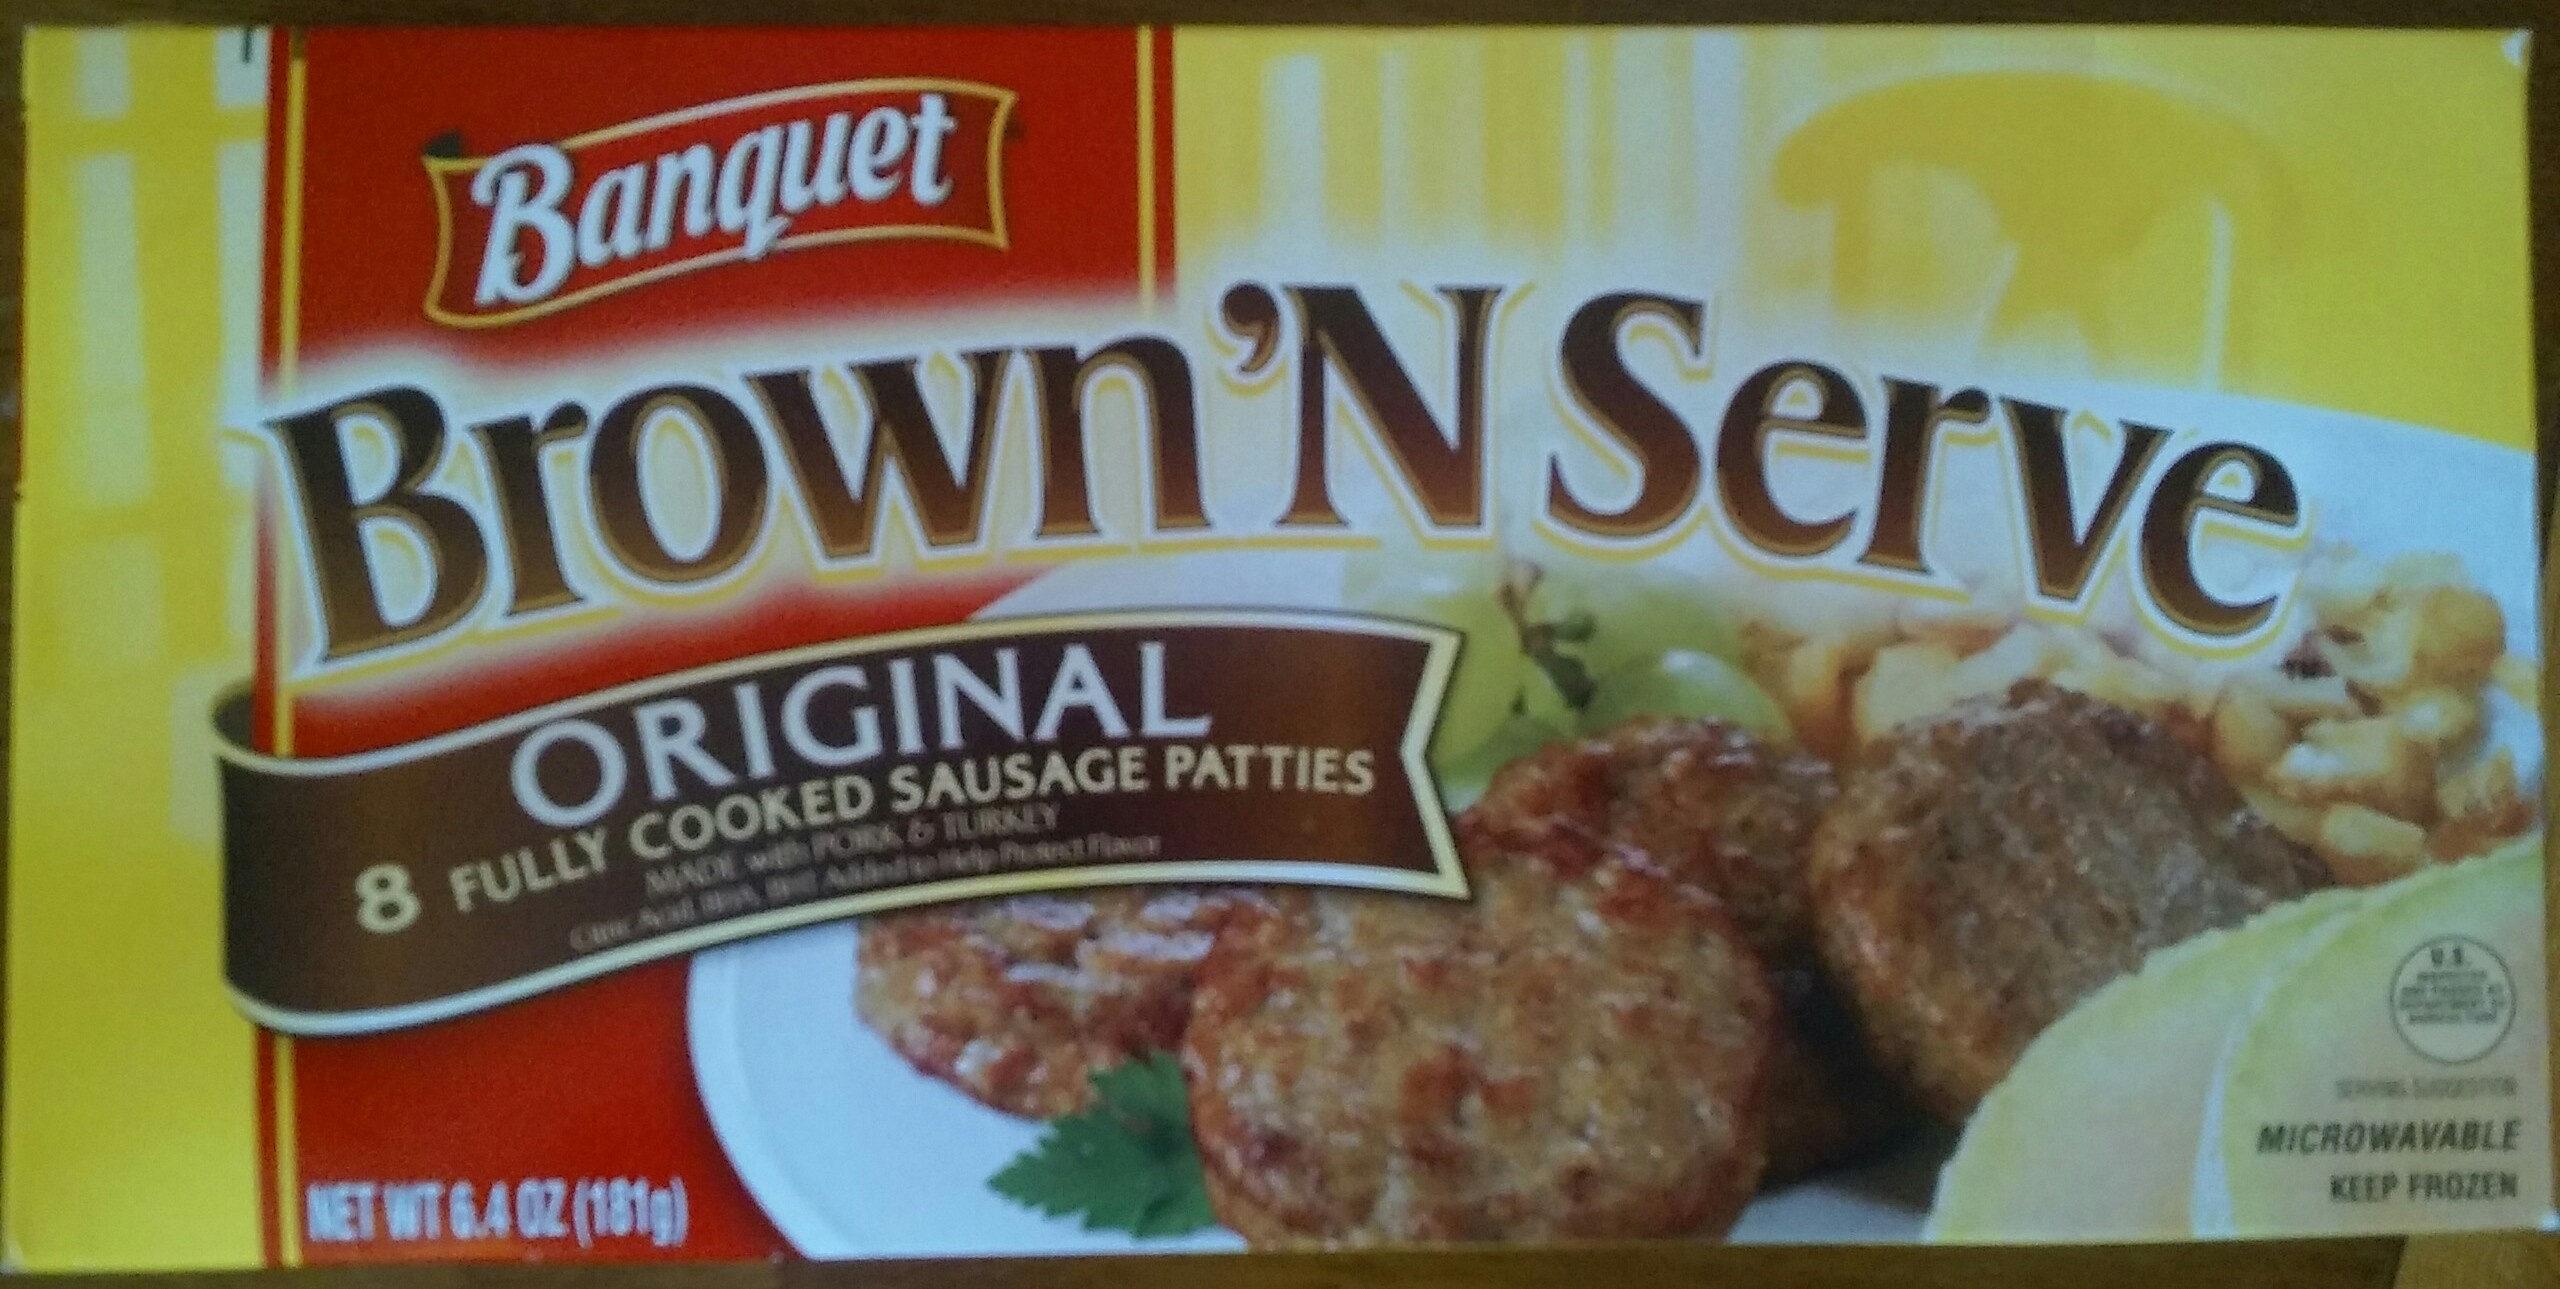 Brown 'N Serve original 8 fully cooked sausage patties - Product - en